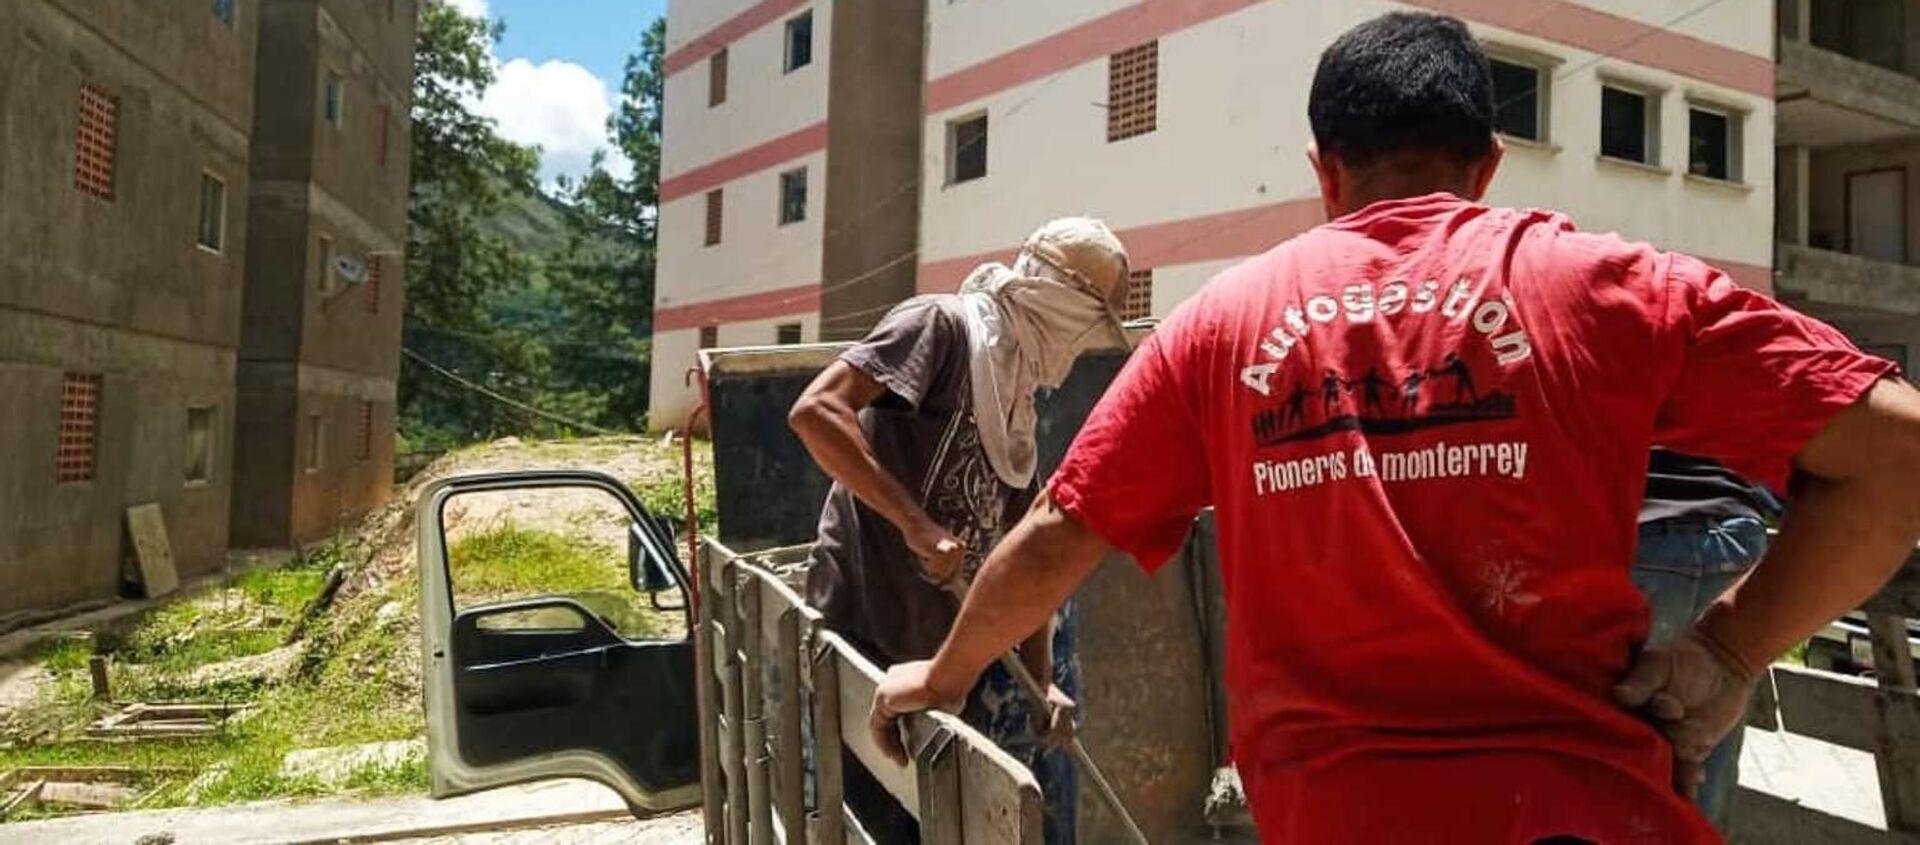 Descarga de cemento en la jornada de trabajo colectivo en la Nueva Comunidad Socialista Monterrey, Caracas, Venezuela - Sputnik Mundo, 1920, 09.09.2019